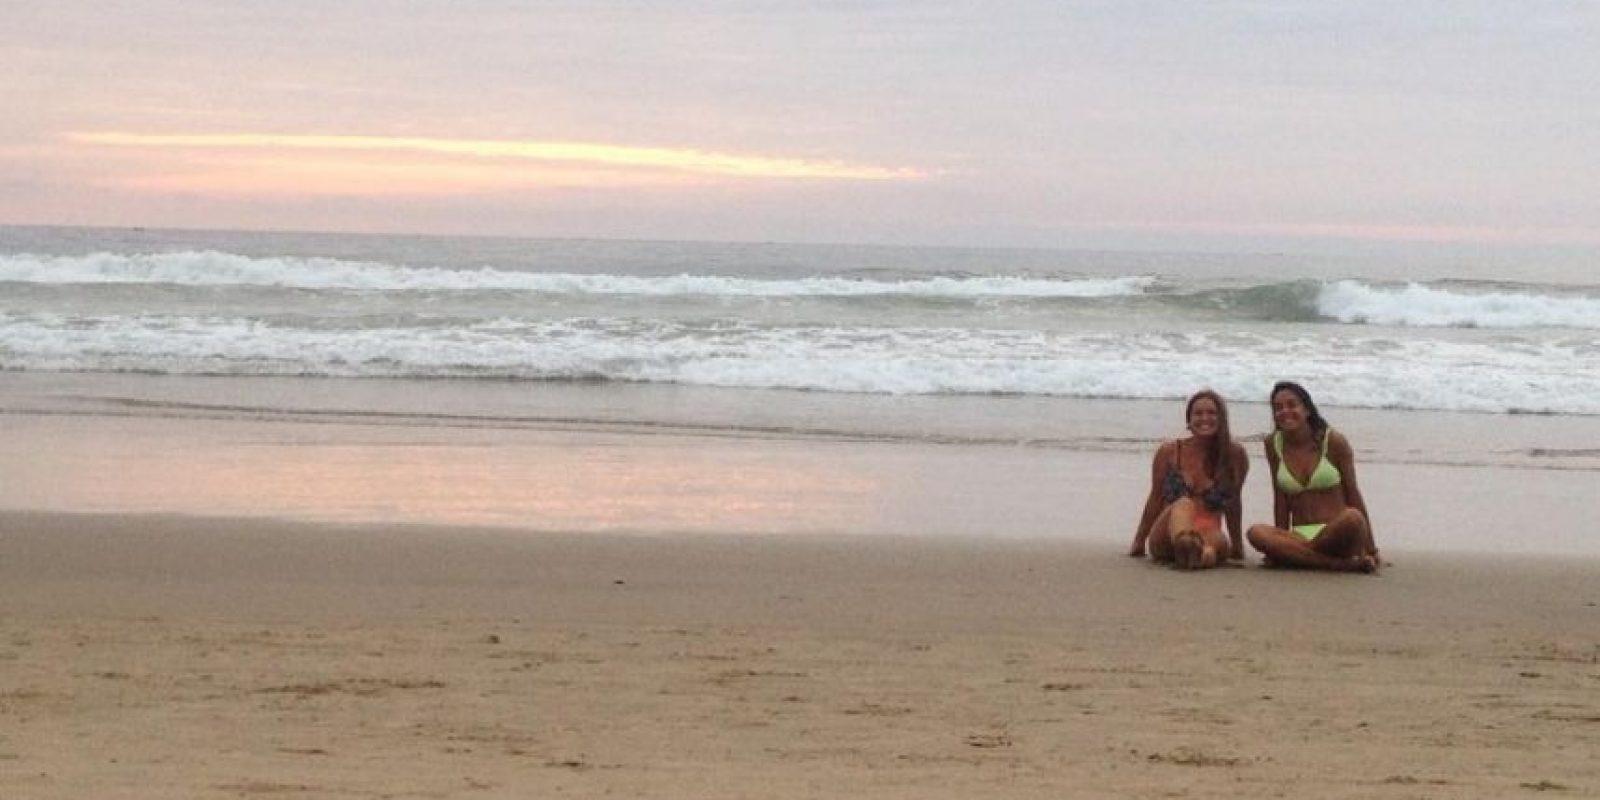 Últimas imágenes que compartieron las jóvenes argentinas Foto:instagram.com/marina.menegazzo/